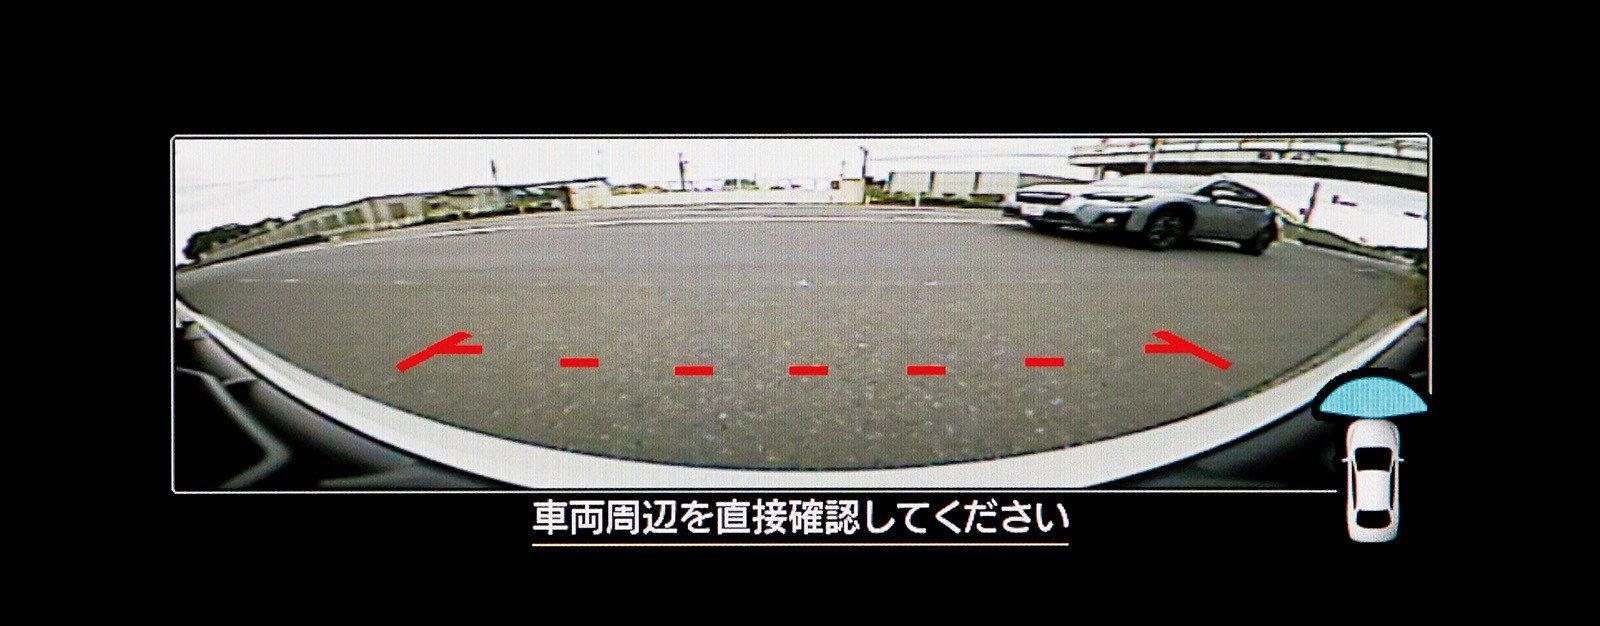 Subaru-Impreza-facelift-3